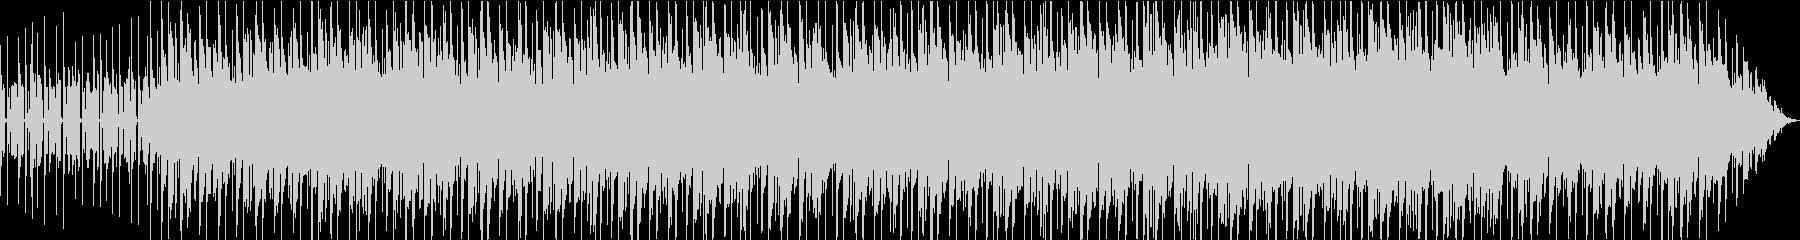 シンプルでゆったり爽やかな曲の未再生の波形